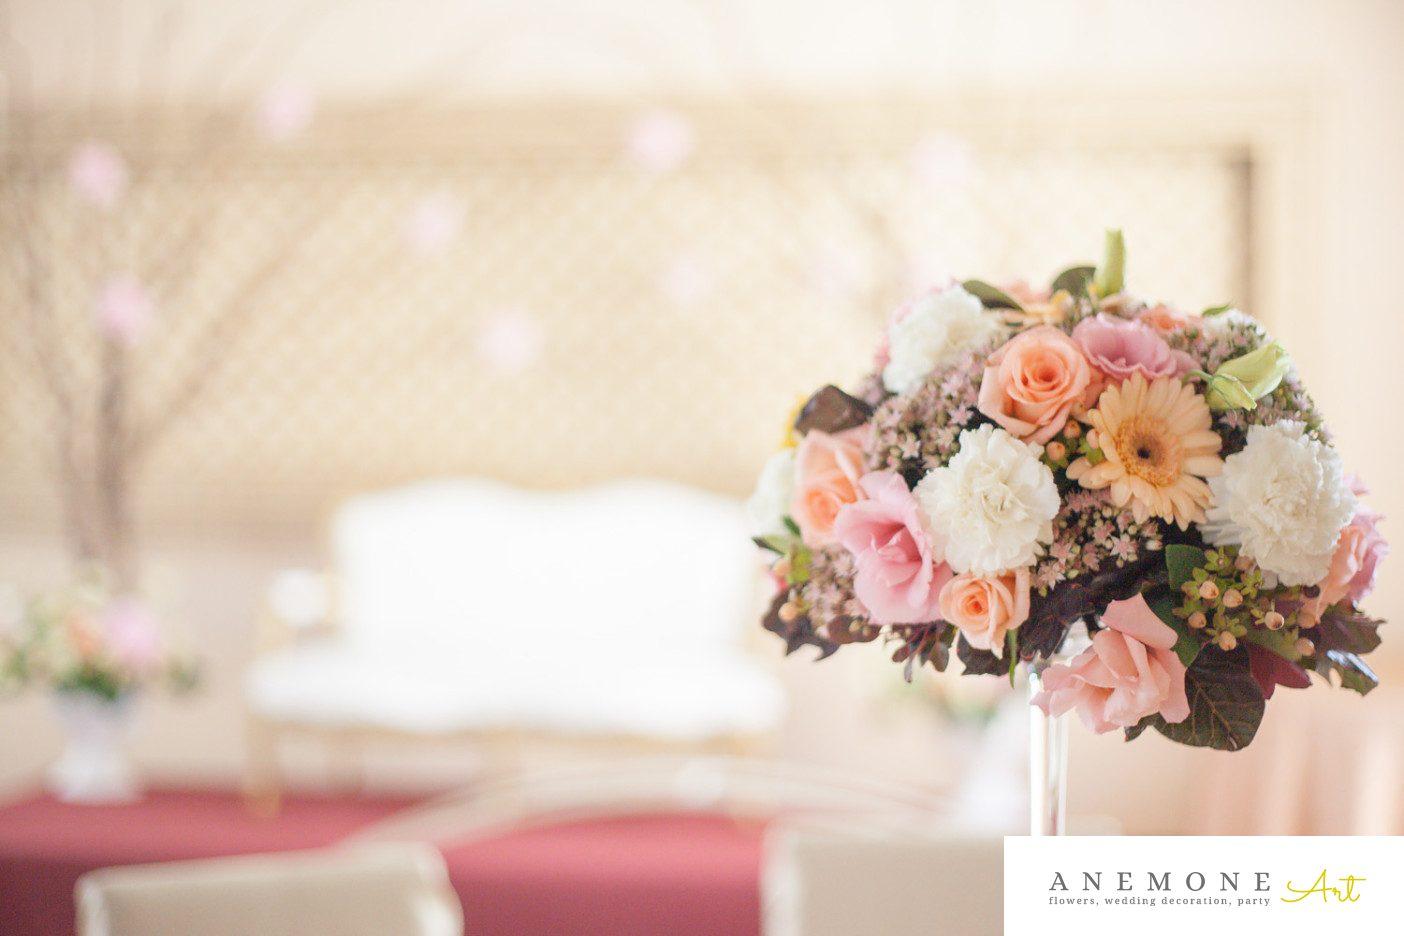 Poza, foto cu Flori de nunta decor masa, piersica, roz in Arad, Timisoara, Oradea (wedding flowers, bouquets) nunta Arad, Timisoara, Oradea